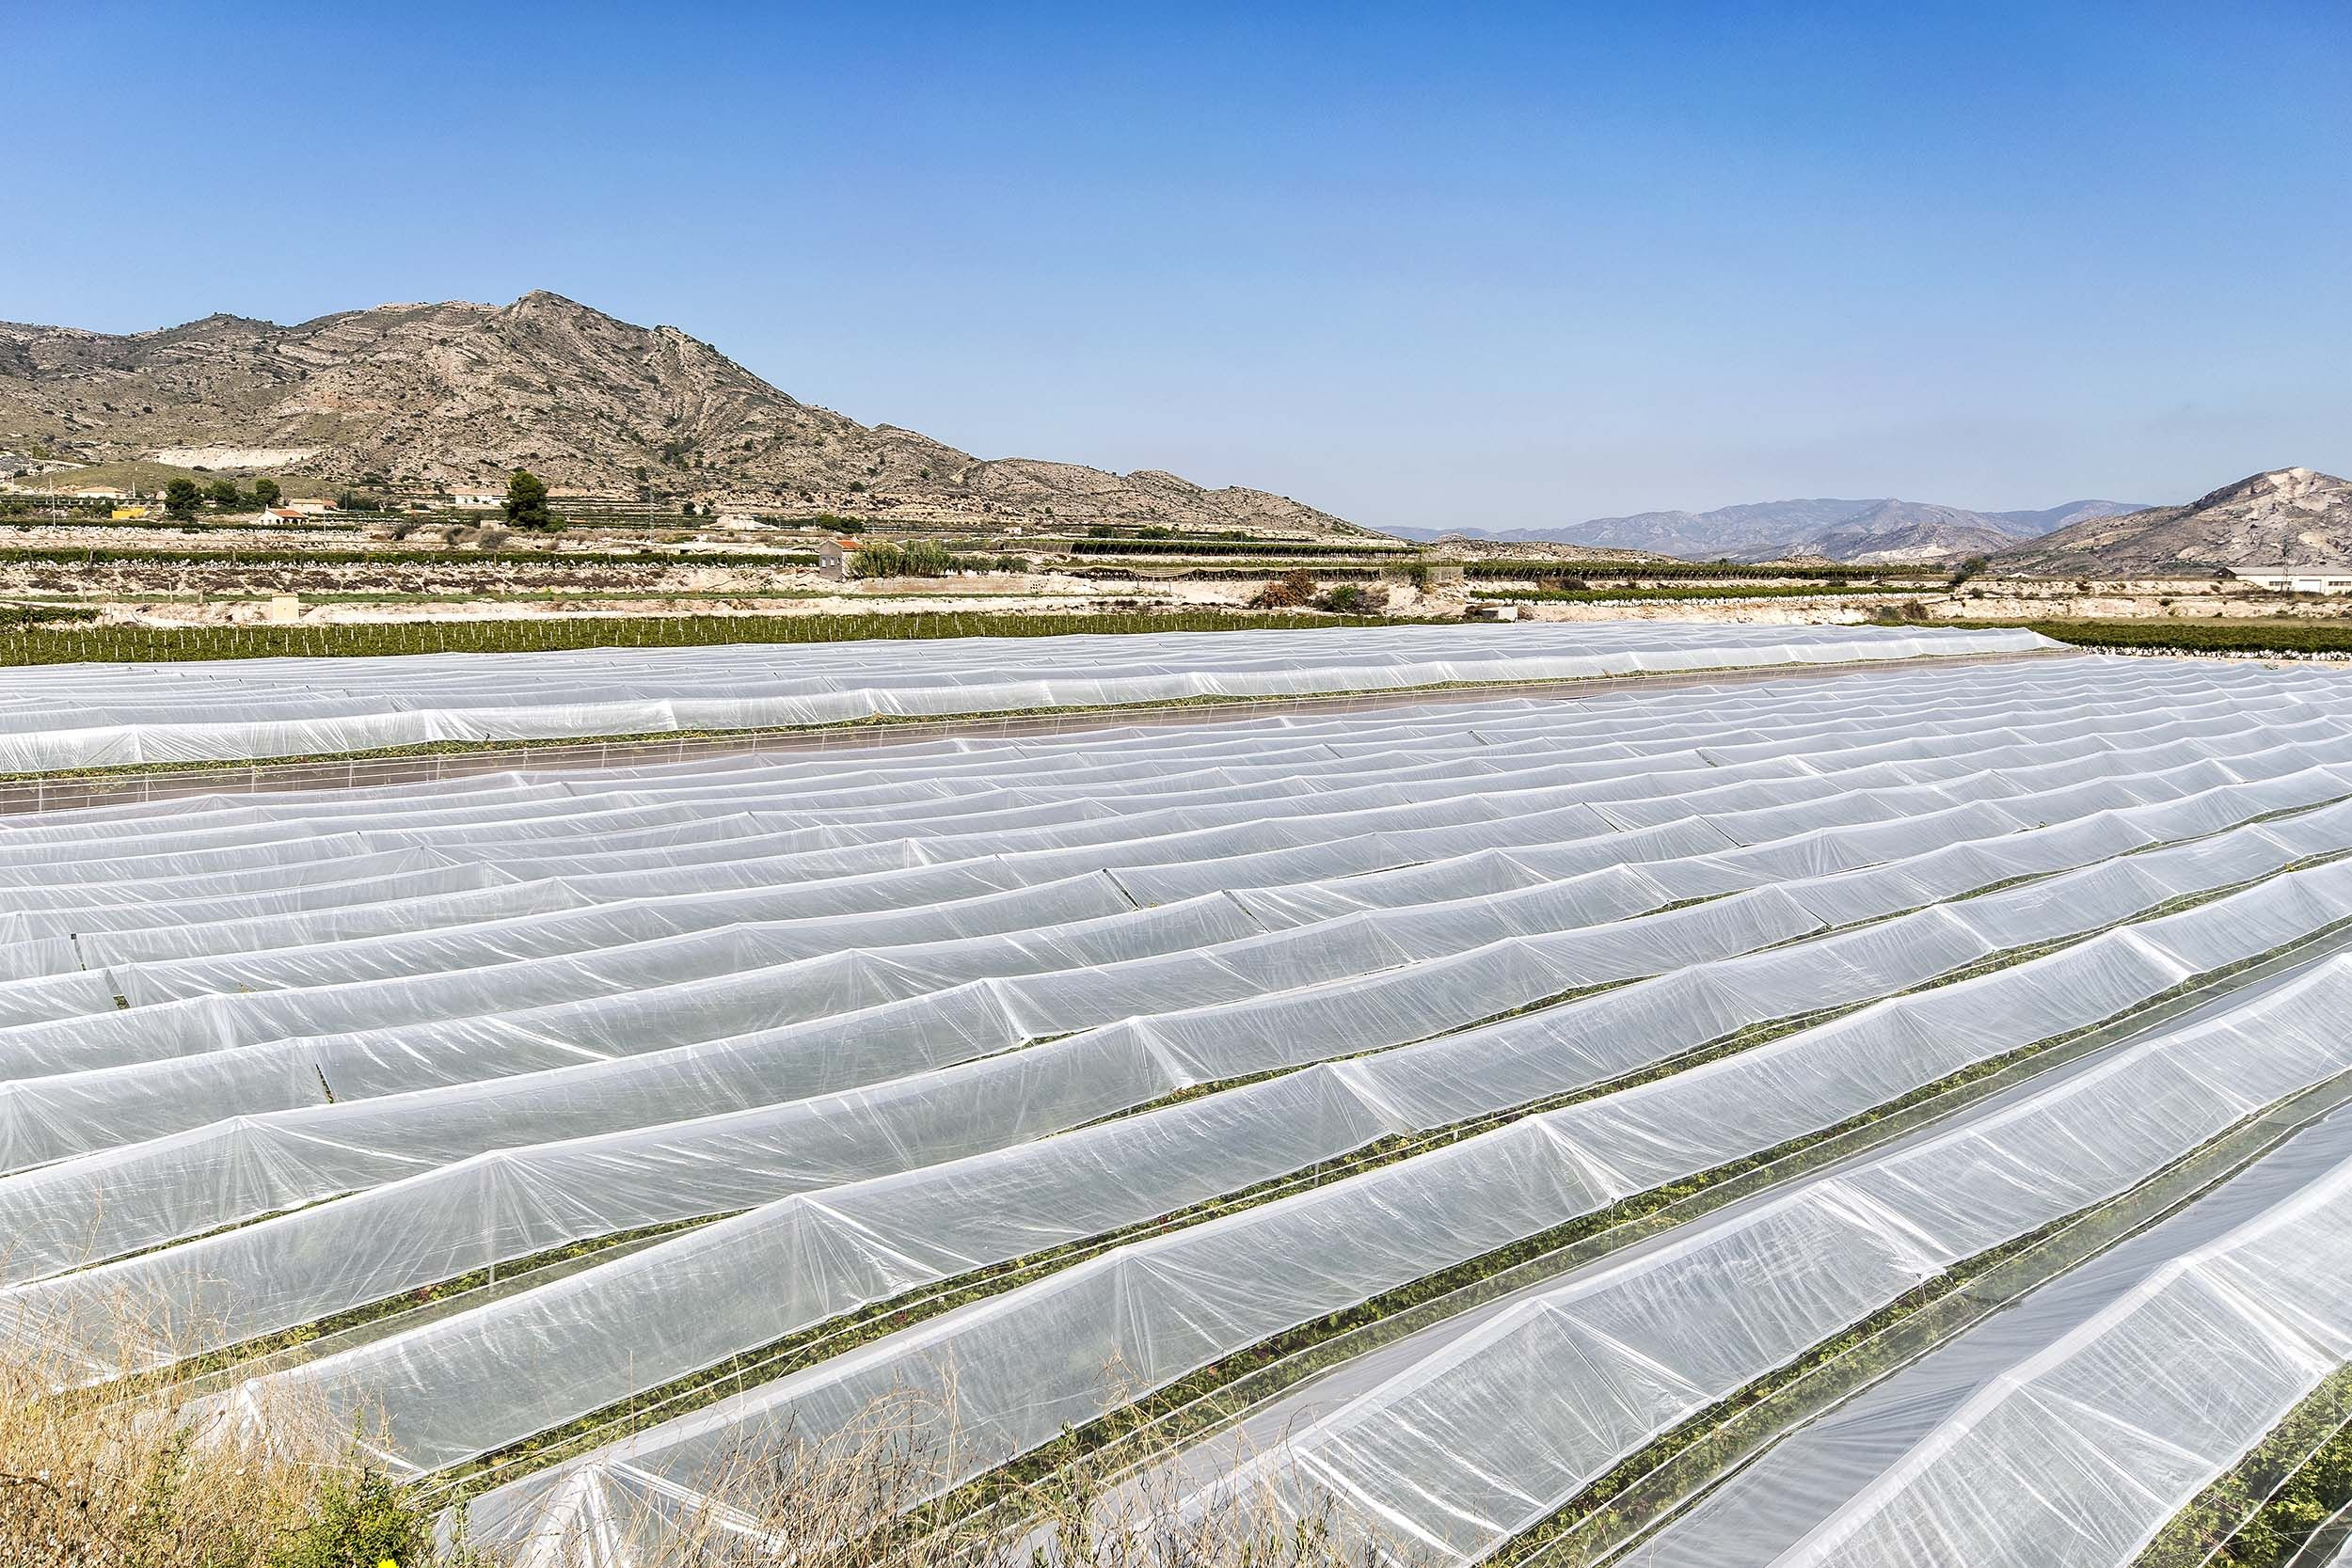 Mantenimiento de invernaderos en Alicante